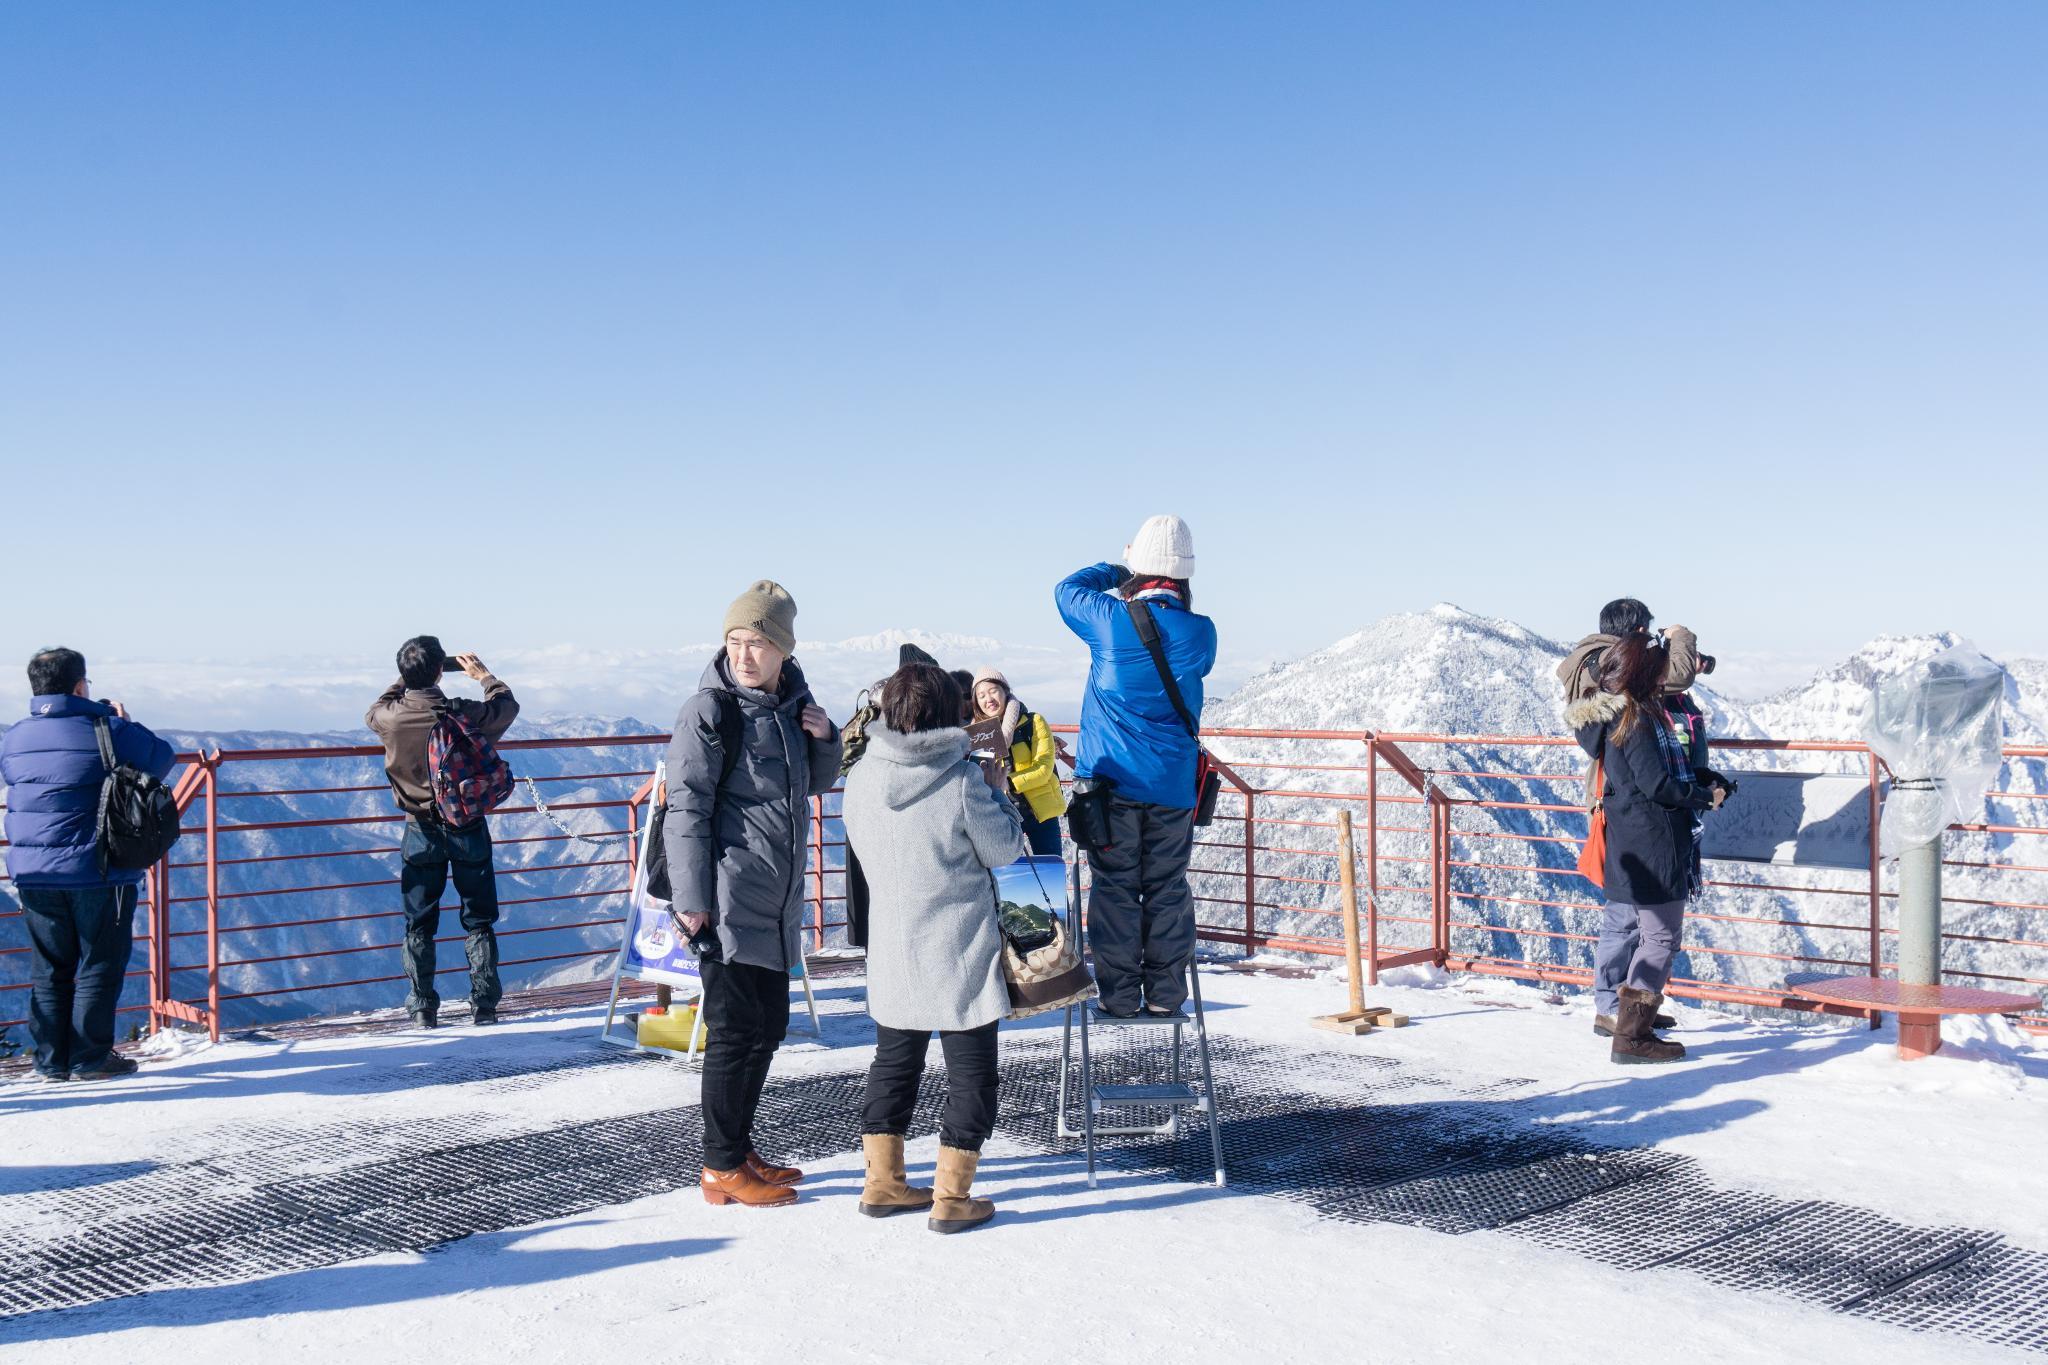 【岐阜】超級推薦!奧飛驒溫泉鄉的冬季戀歌 ~ 新穗高纜車雪景攻略 96